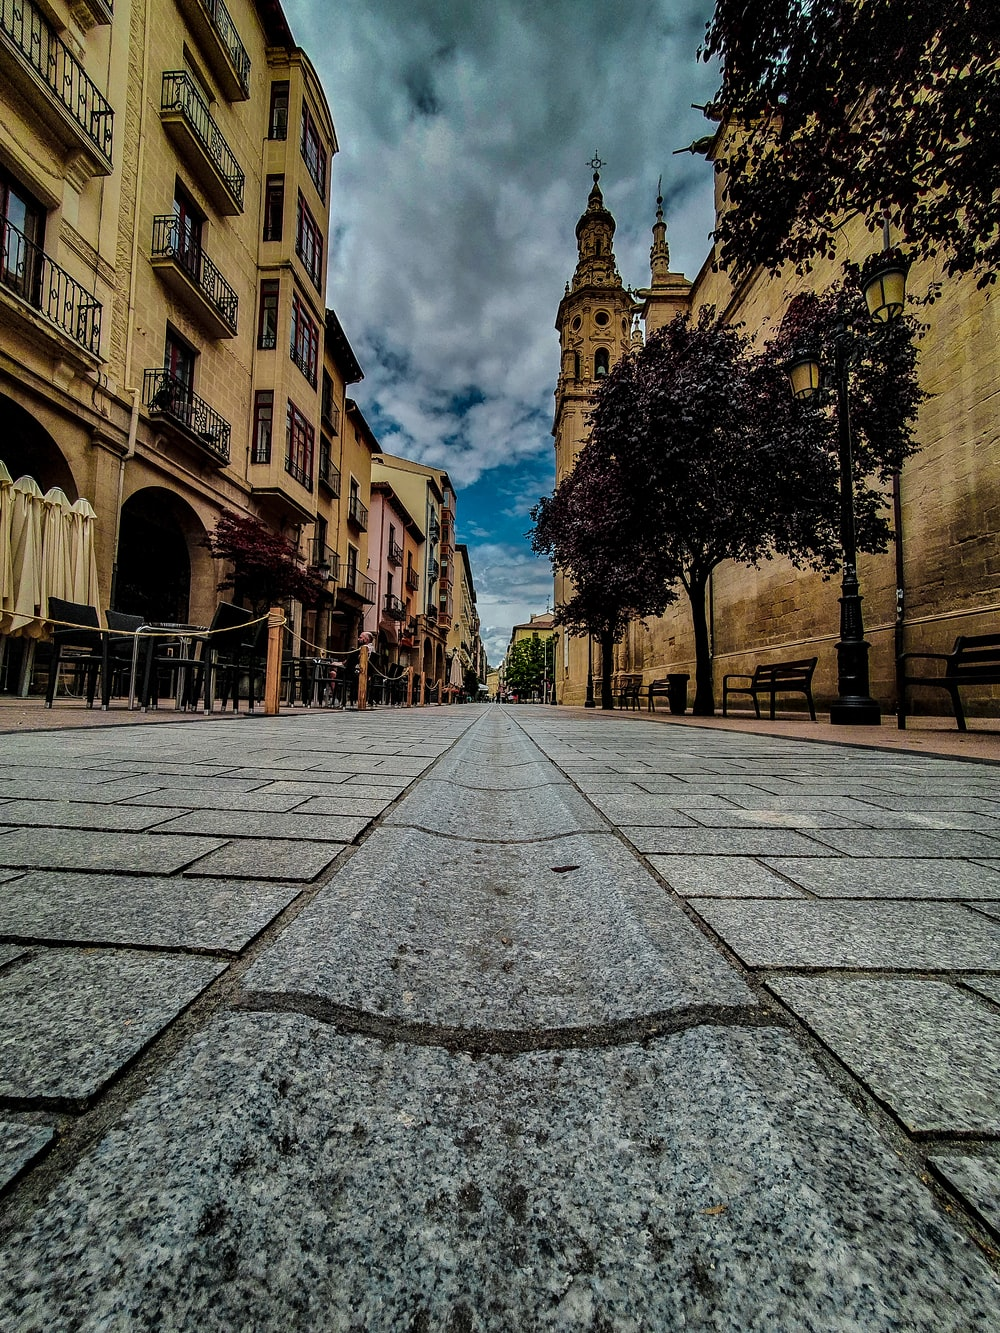 vacaciones-mejores-destinos-espana-2020